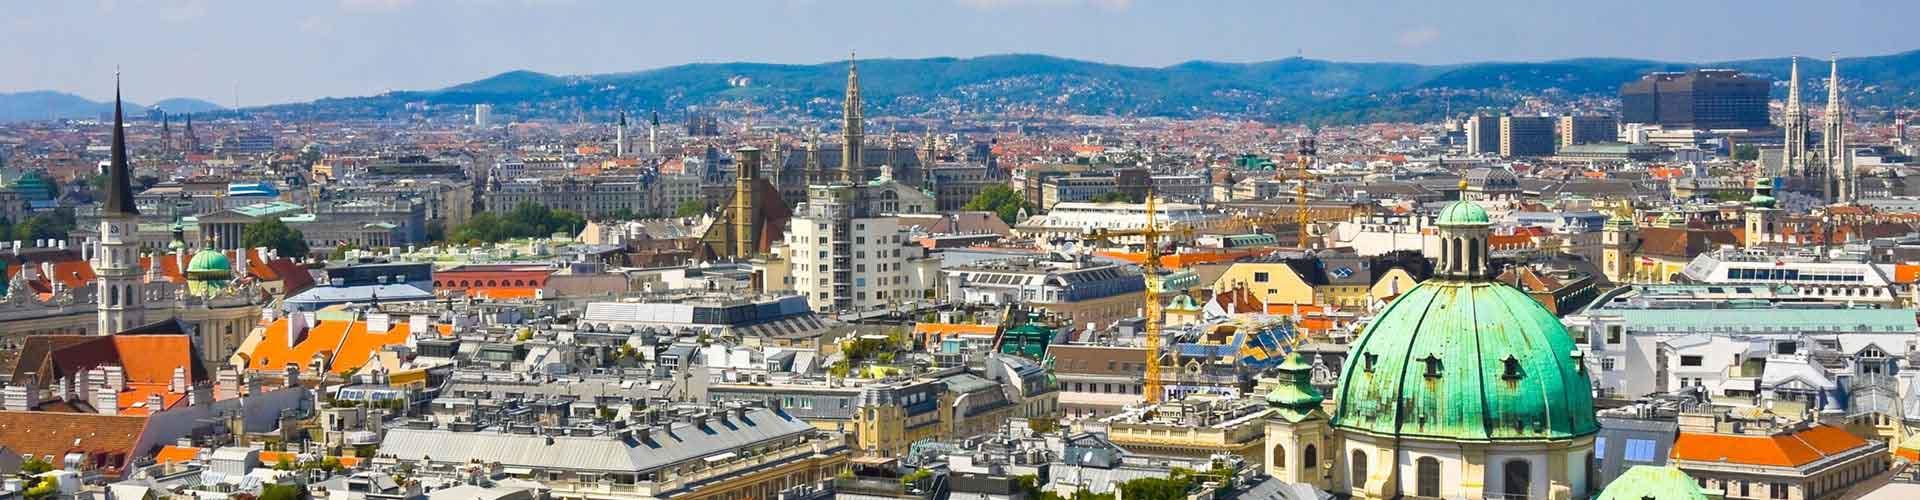 Viena - Hostales en Viena. Mapas de Viena, Fotos y comentarios de cada Hostal en Viena.